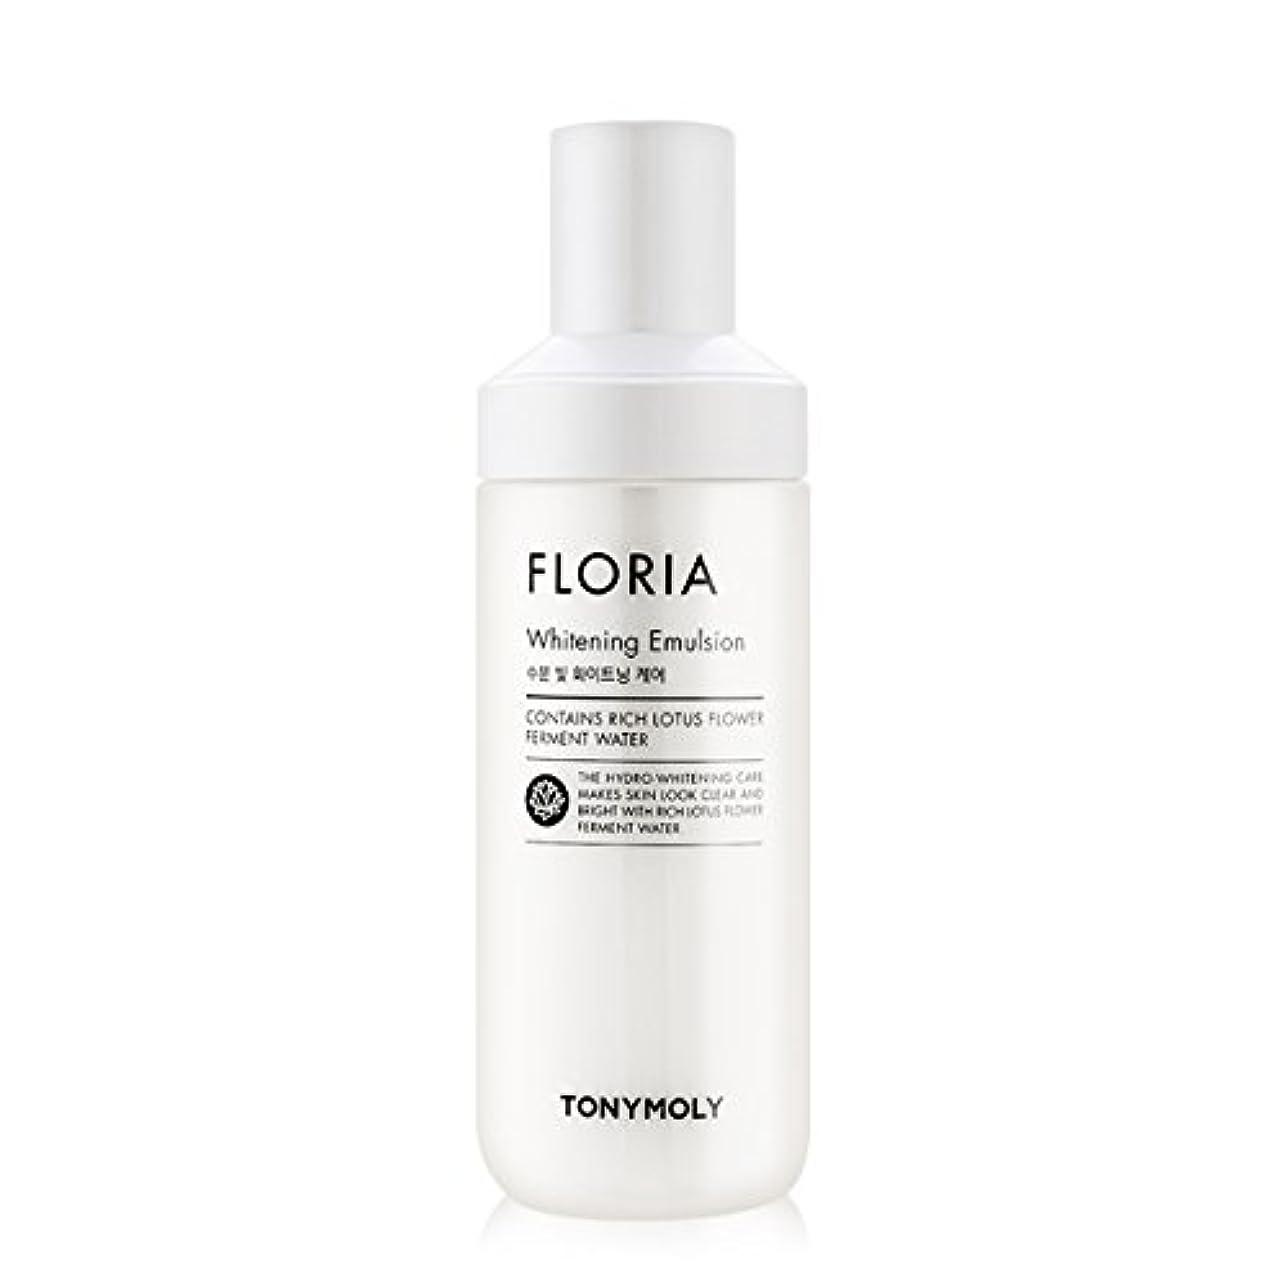 ブースマウント太鼓腹[2016 New] TONYMOLY Floria Whitening Emulsion 160ml/トニーモリー フロリア ホワイトニング エマルジョン 160ml [並行輸入品]